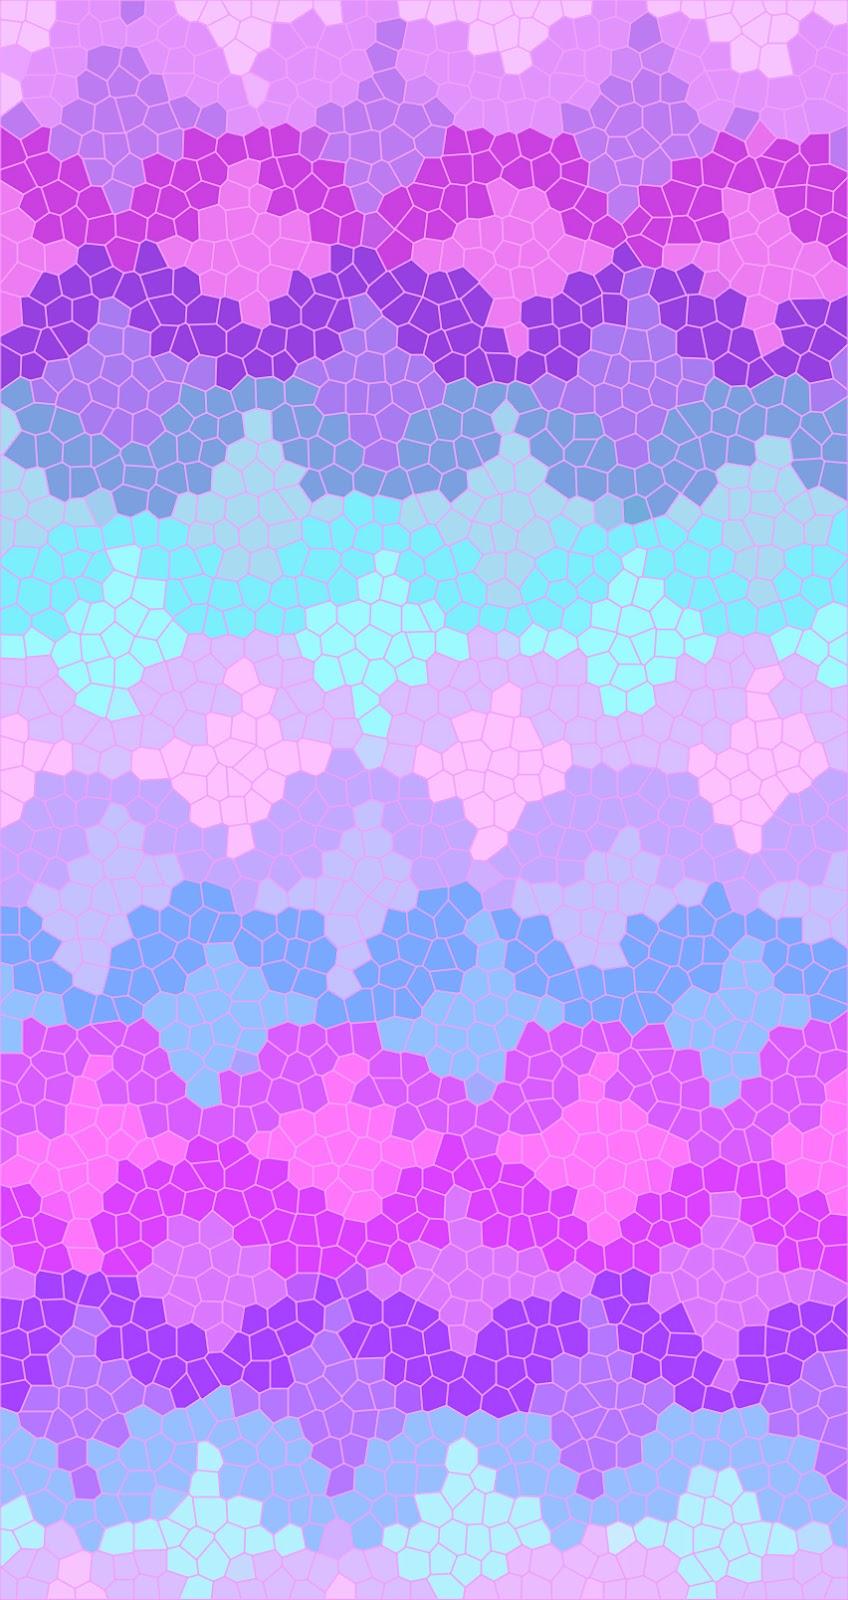 Free Iphone Wallpapers Cute Fresja Słodkie Dziewczęce Tapety Na Telefon Dotykowy